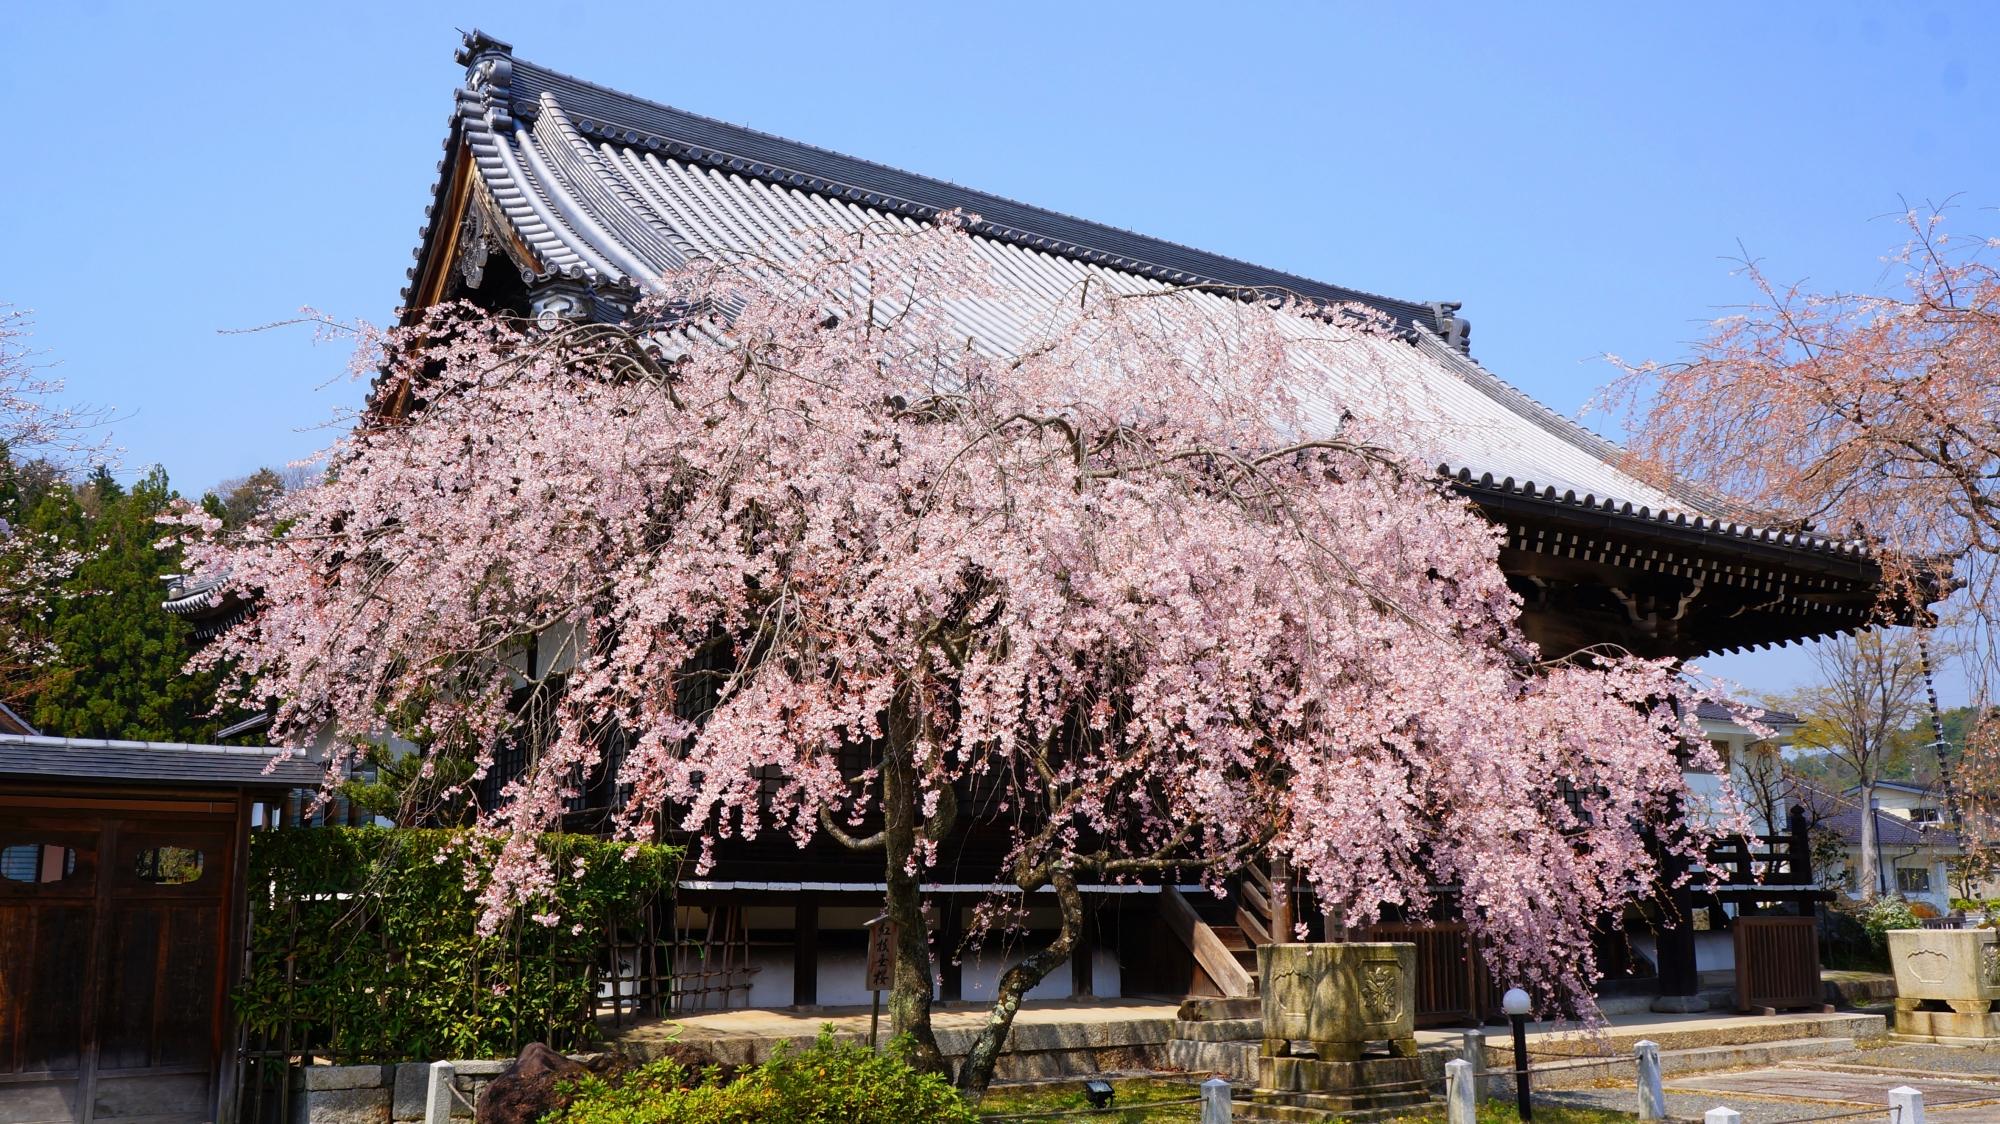 妙満寺の大書院のしだれ桜